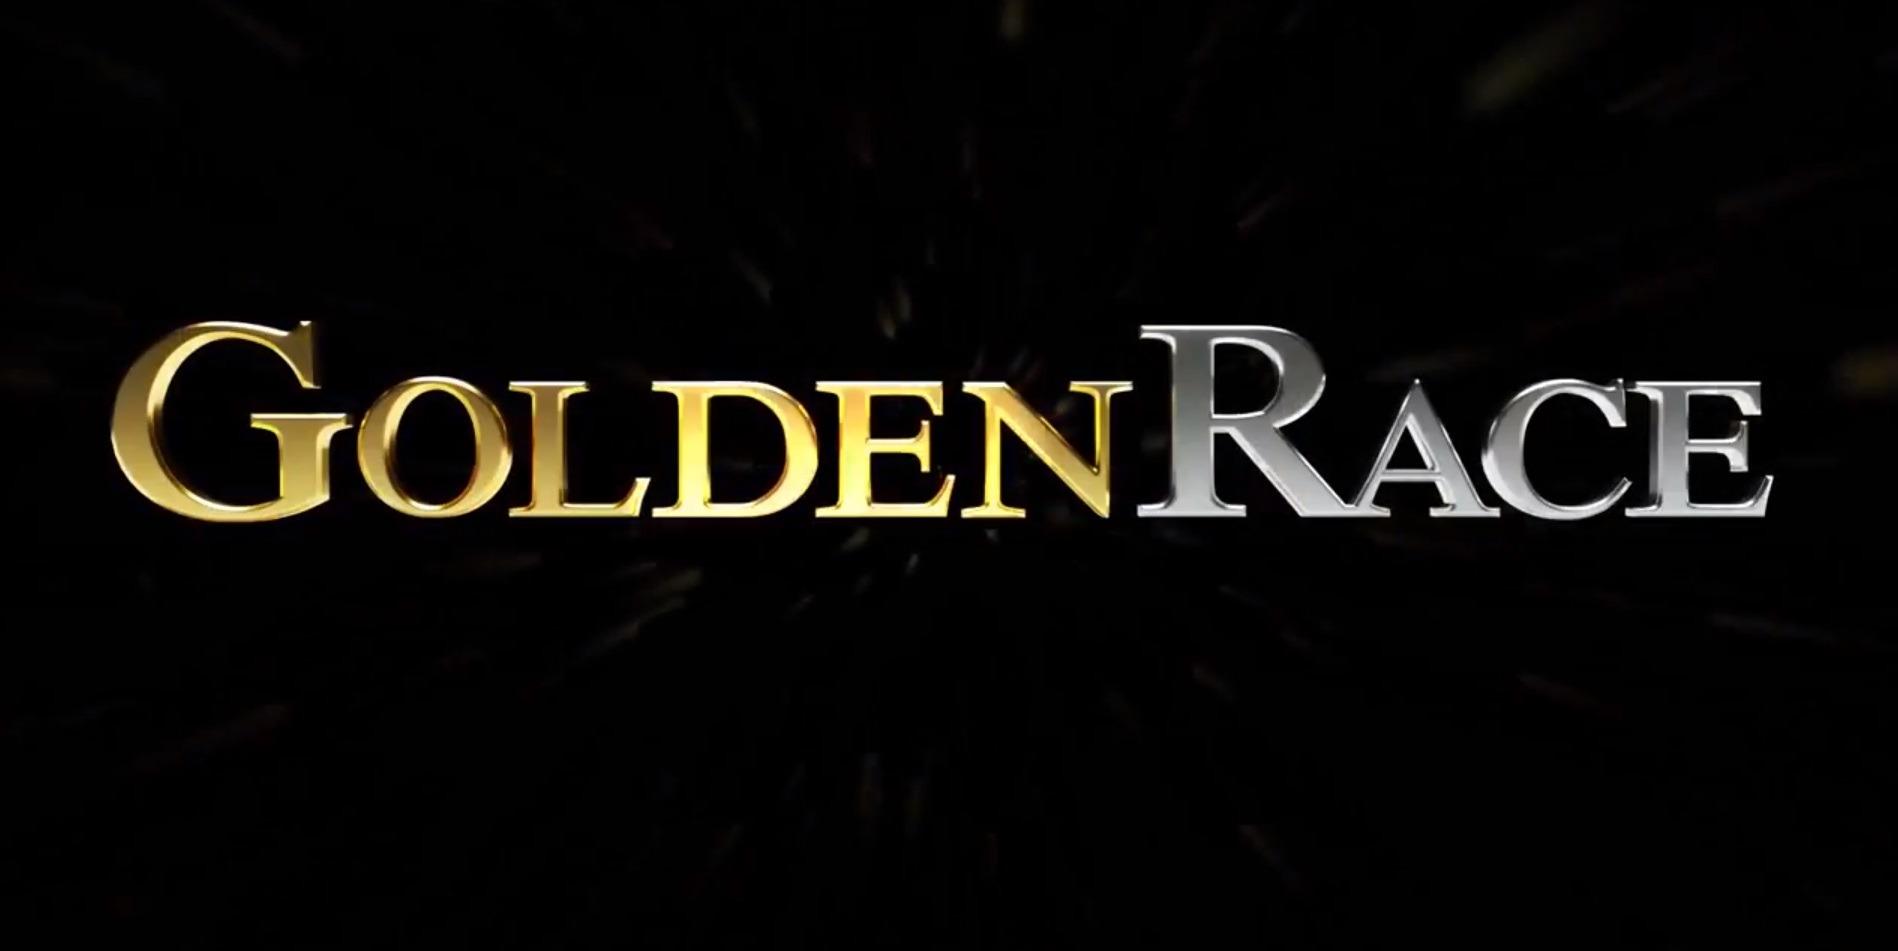 New gaming partner – Golden Race